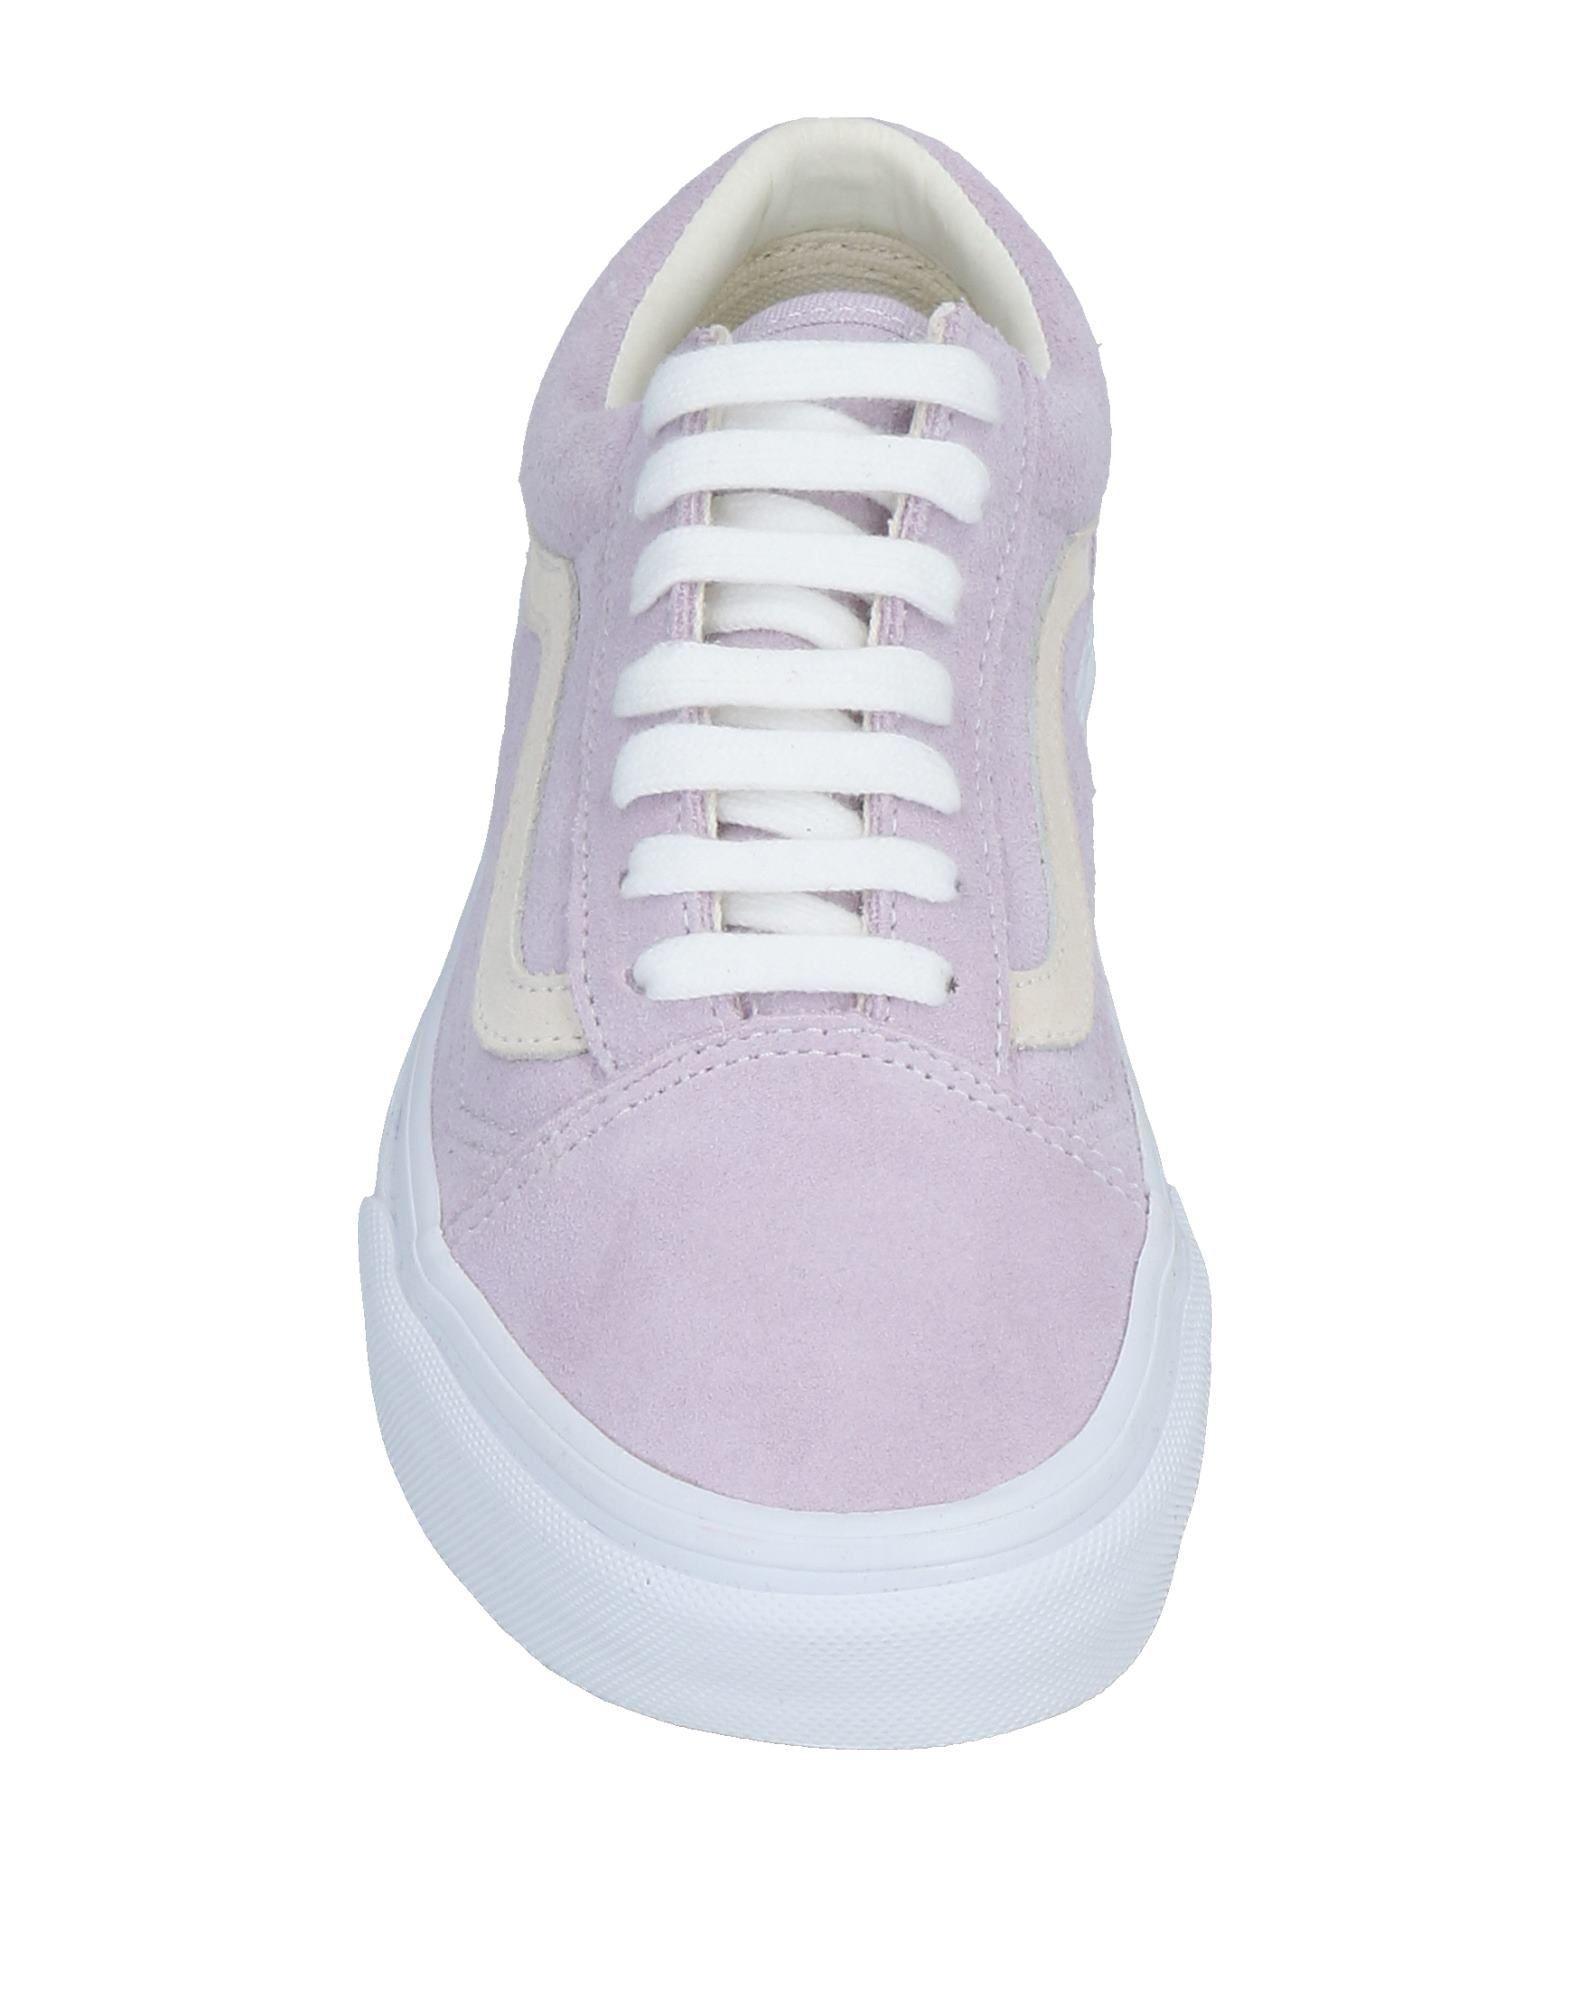 Vans Suede Low-tops & Sneakers in Lilac (Purple)